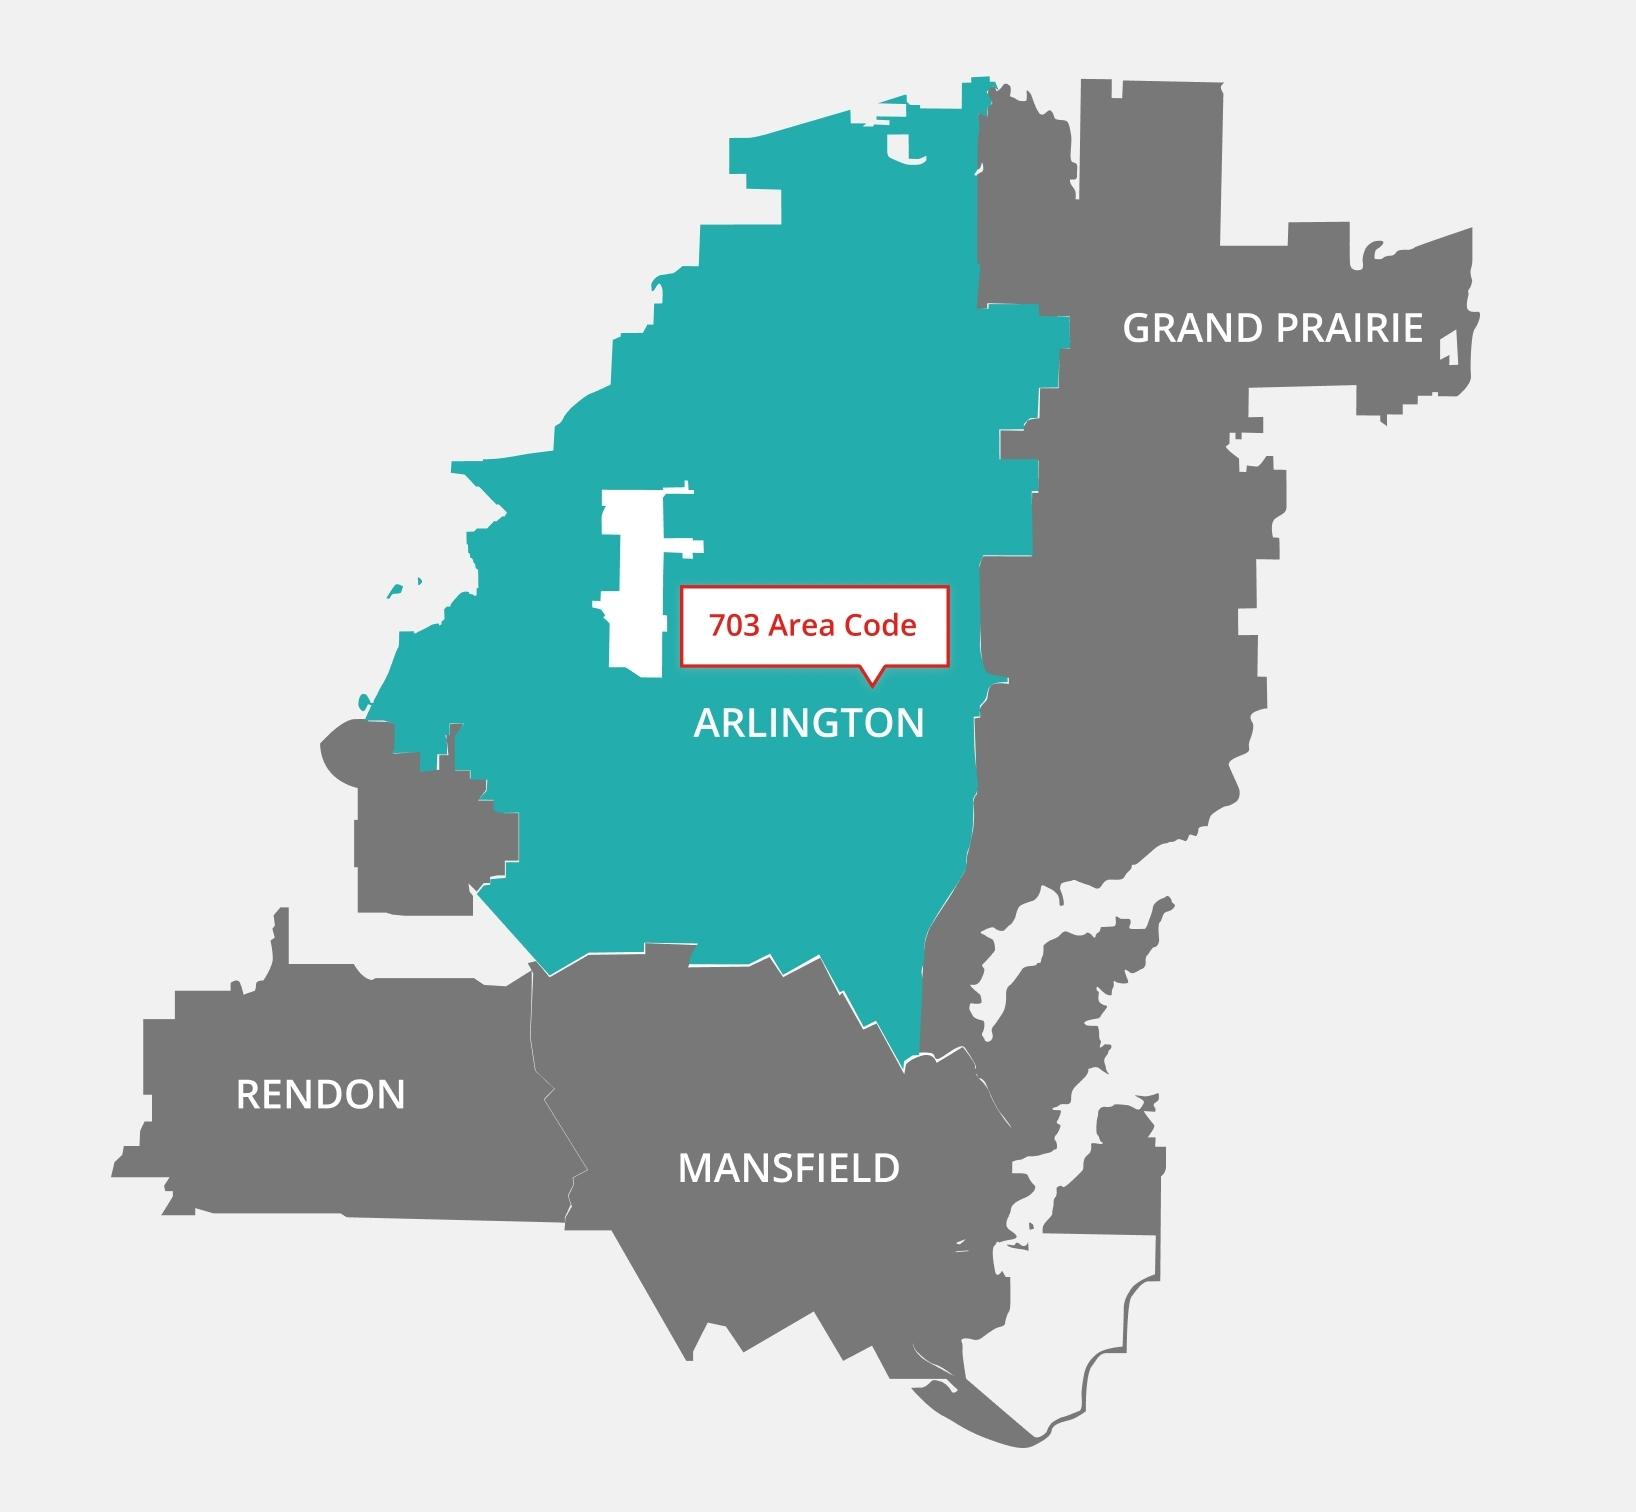 arlington area code